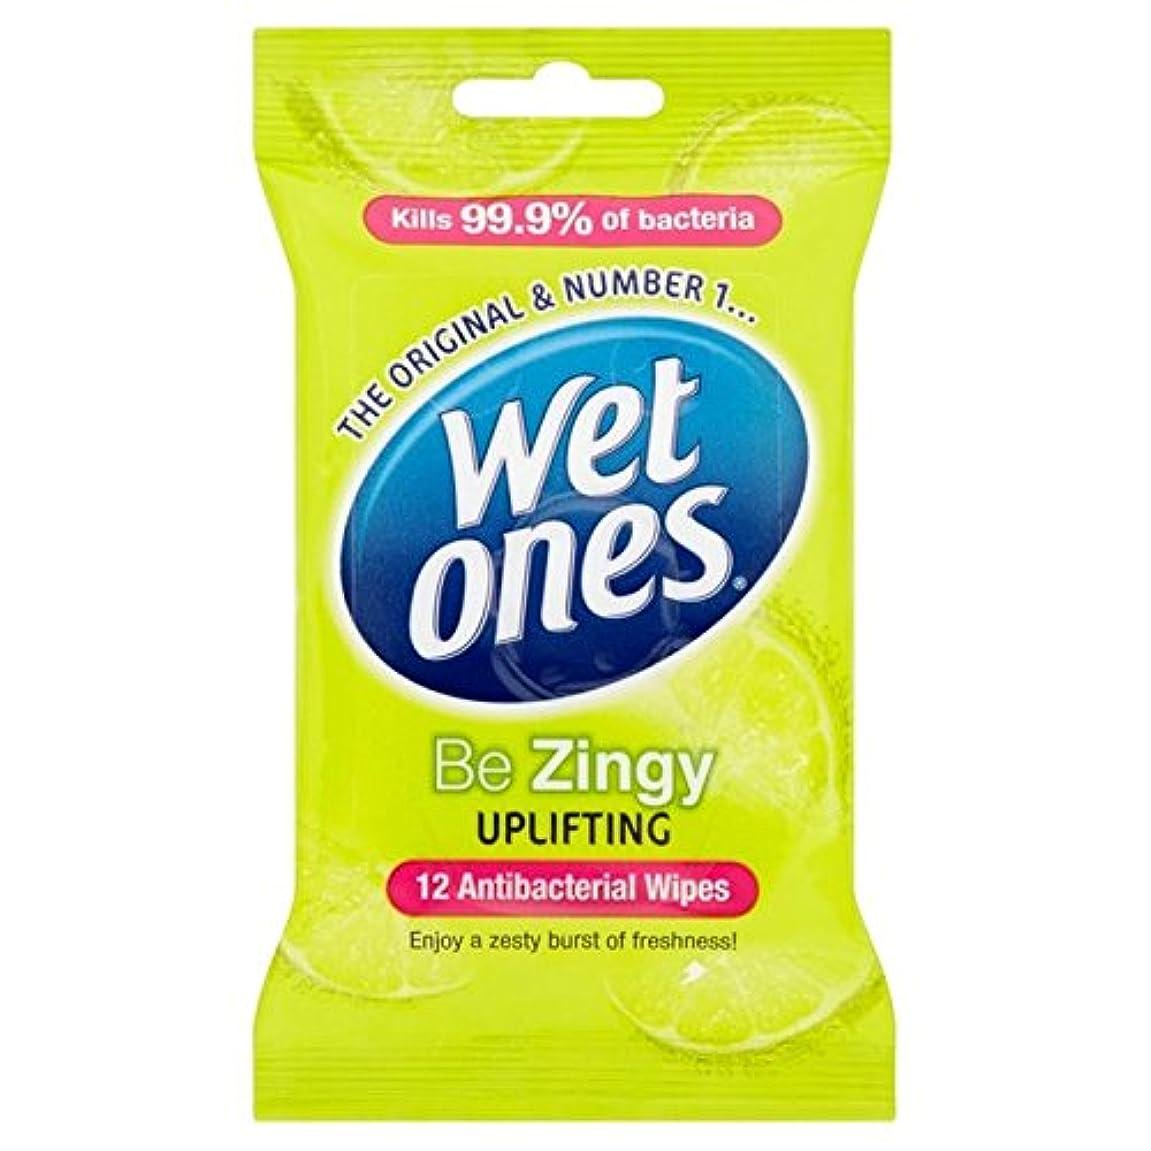 残酷重要なテキストWet Ones Cleansing Anti Bacterial Wipes 12 per pack - 抗バクテリアをクレンジング湿ったものはパックごとに12ワイプ [並行輸入品]